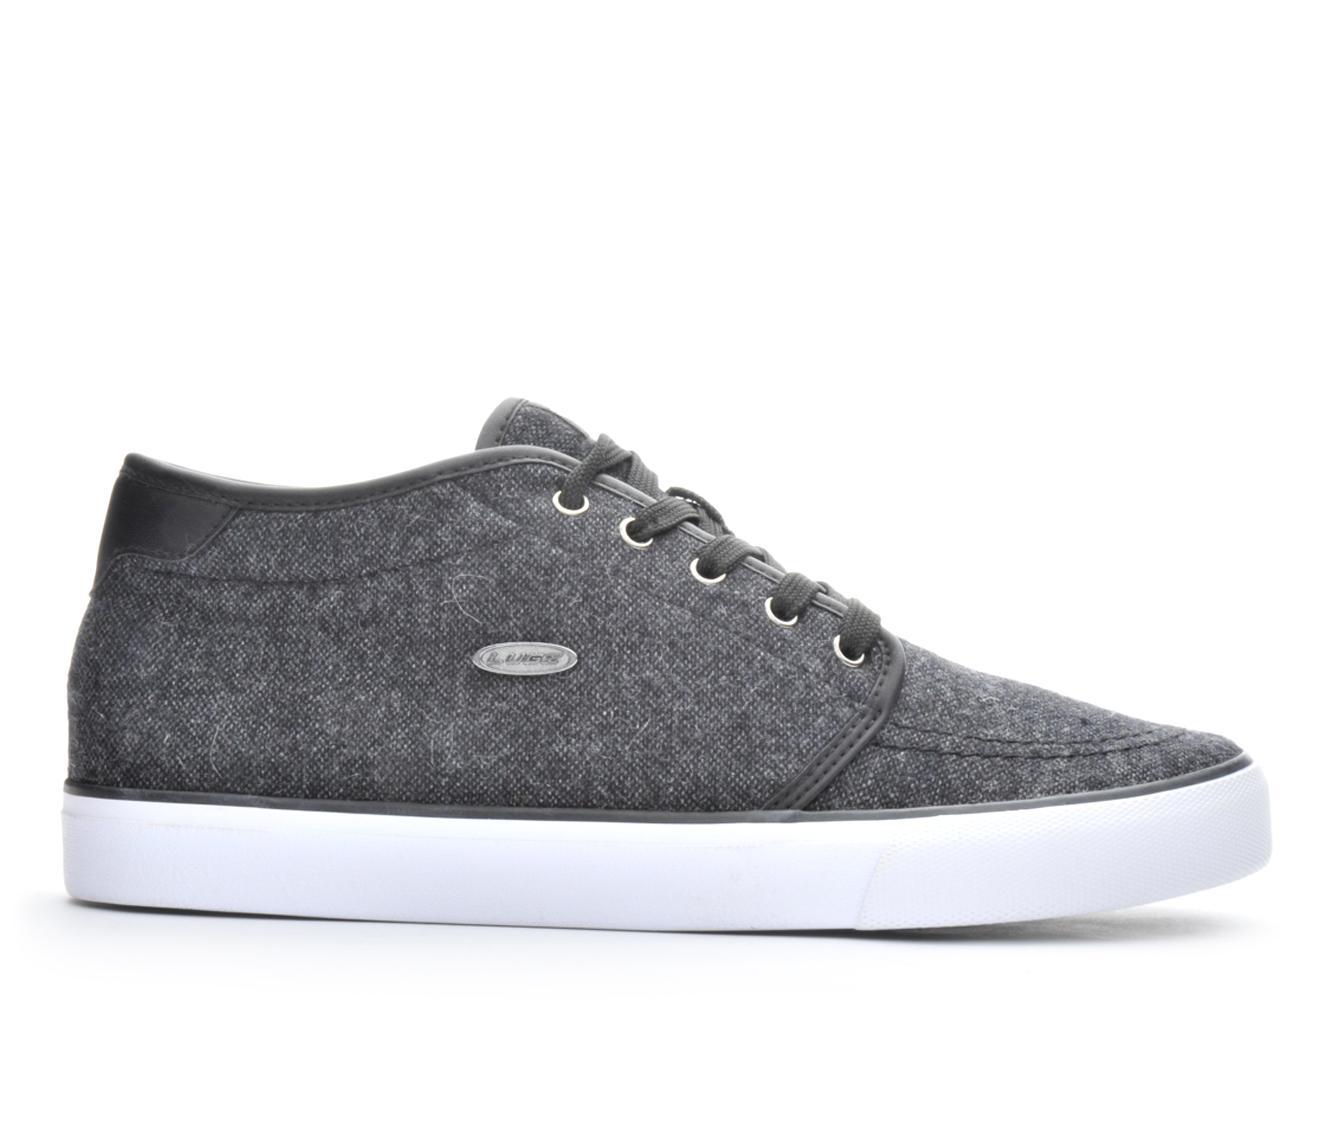 rivington mid casual shoes zrmpoua